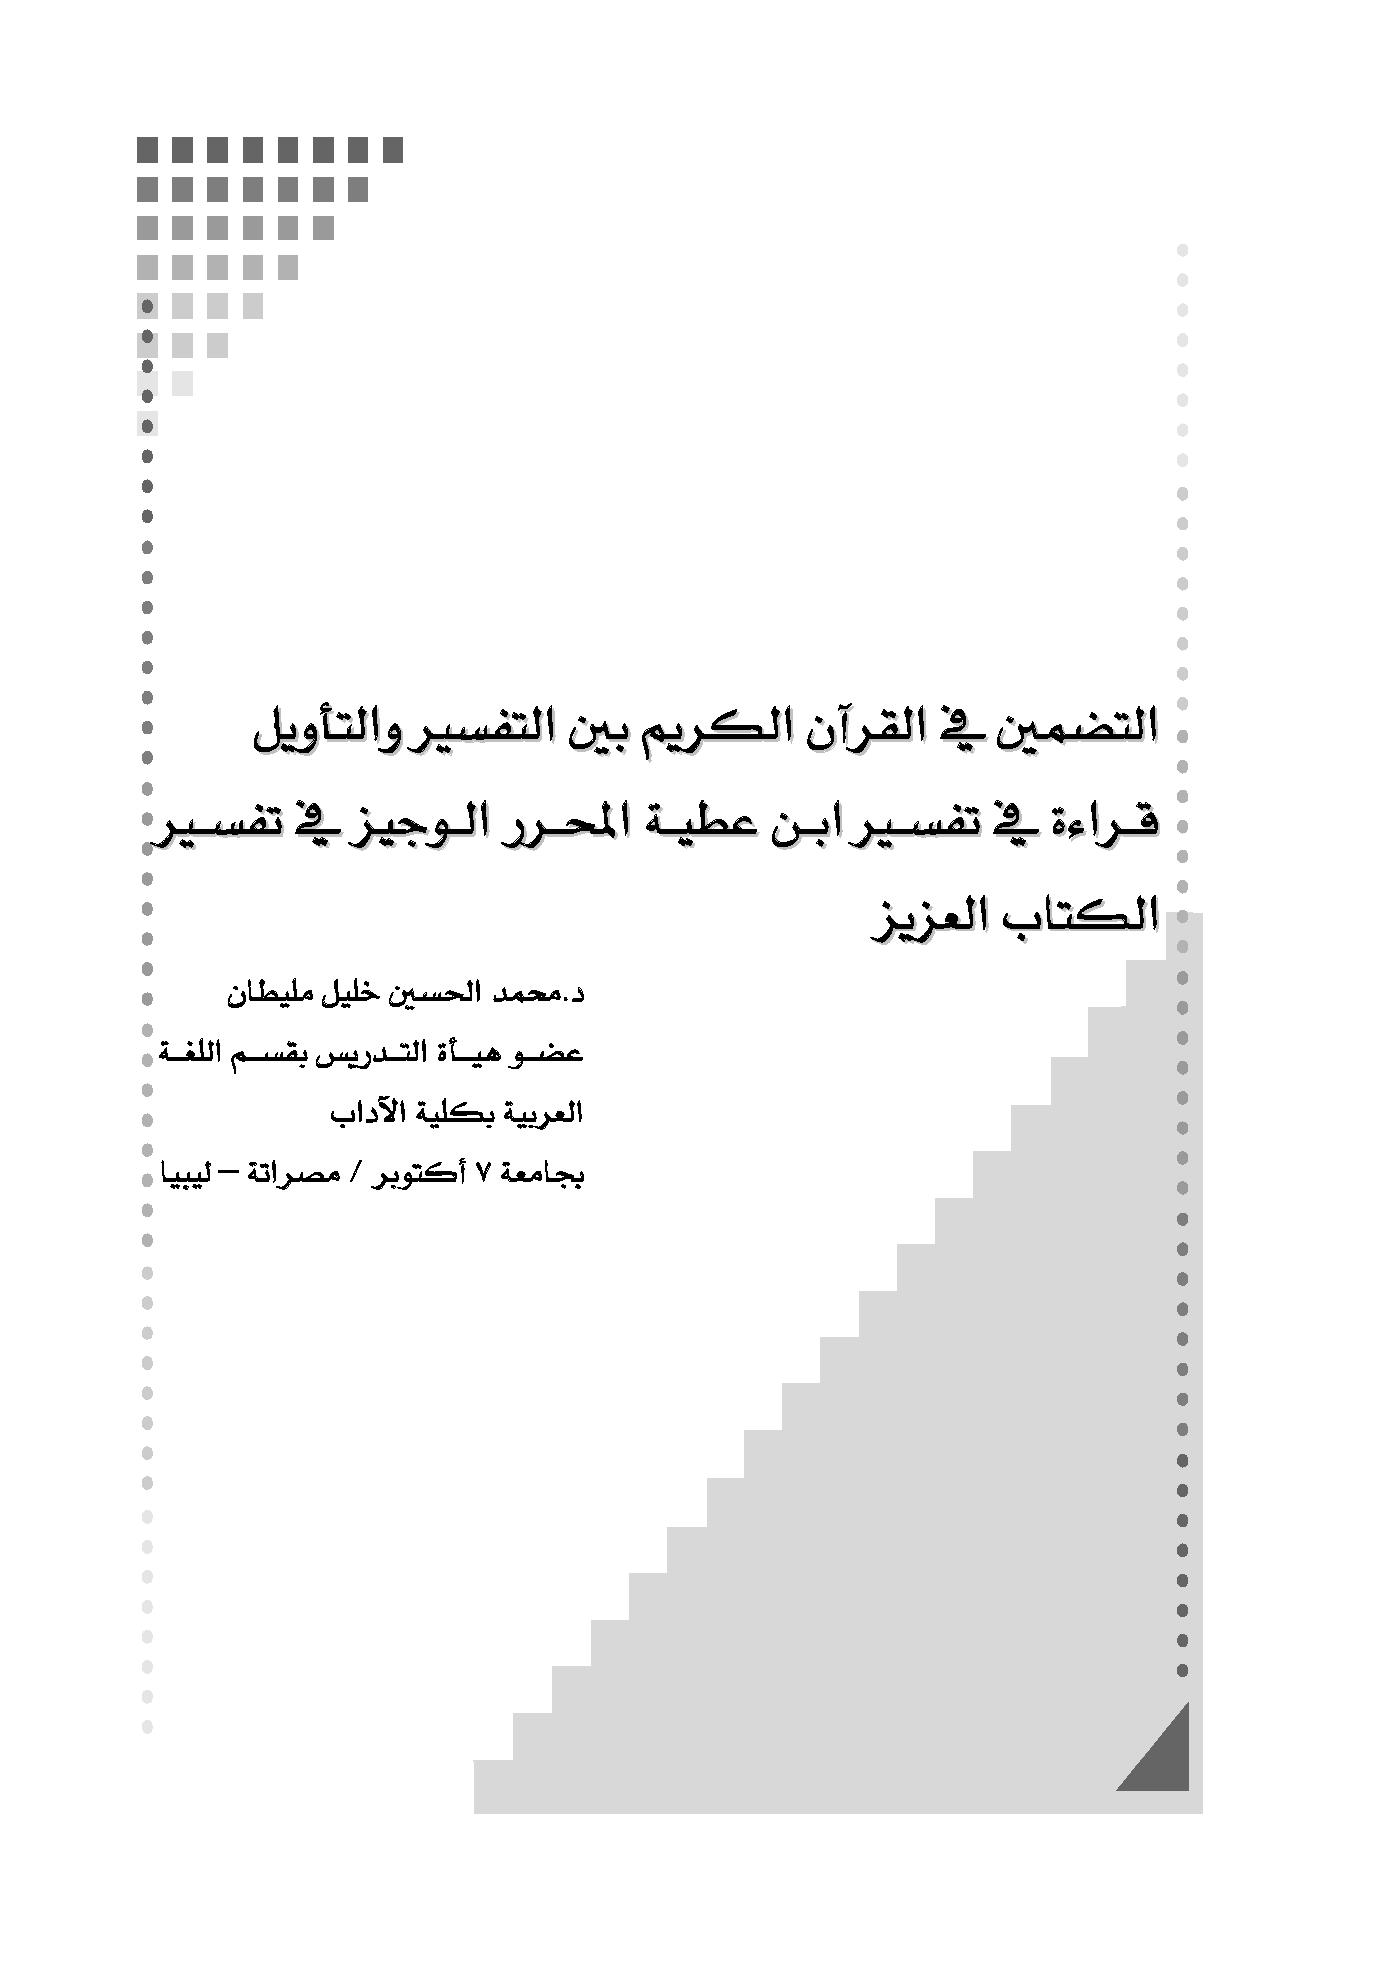 كتاب التضمين في القرآن الكريم